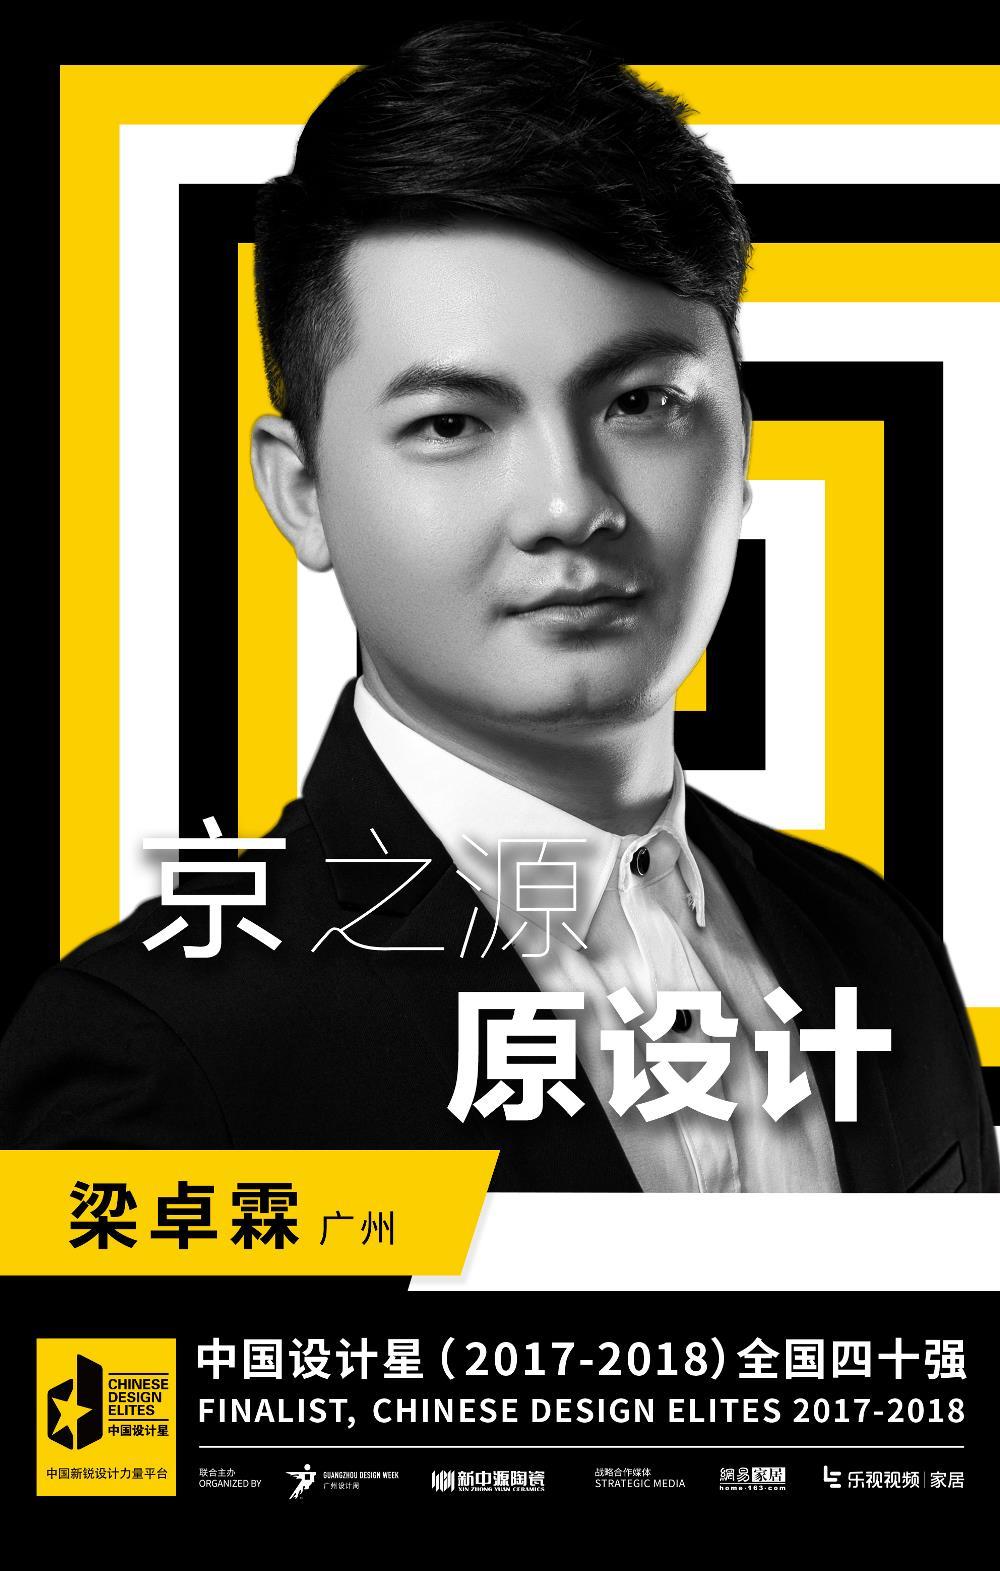 泉州个人形象-梁卓霖.jpg